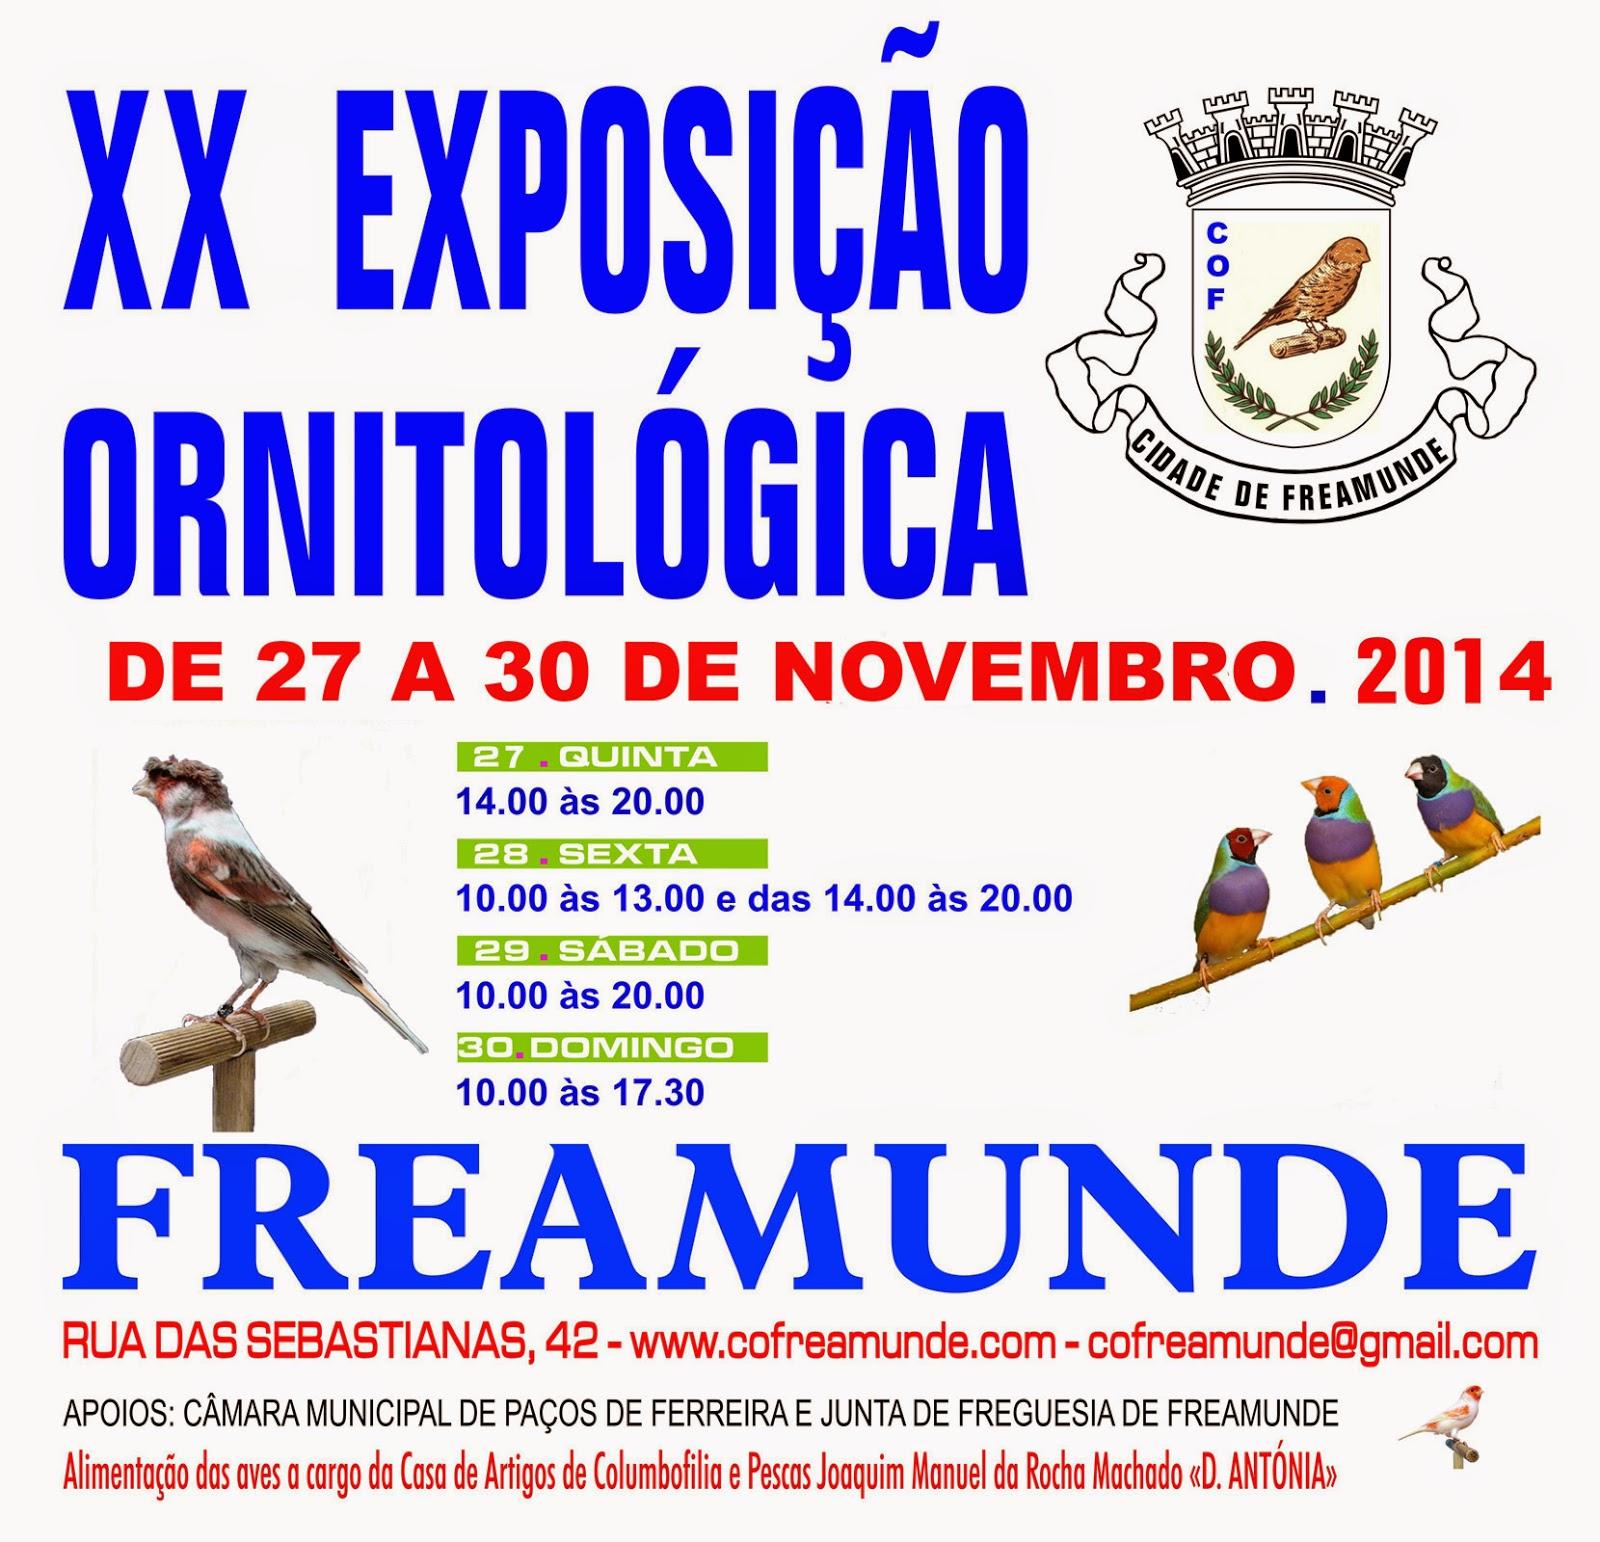 www.freamunde.com